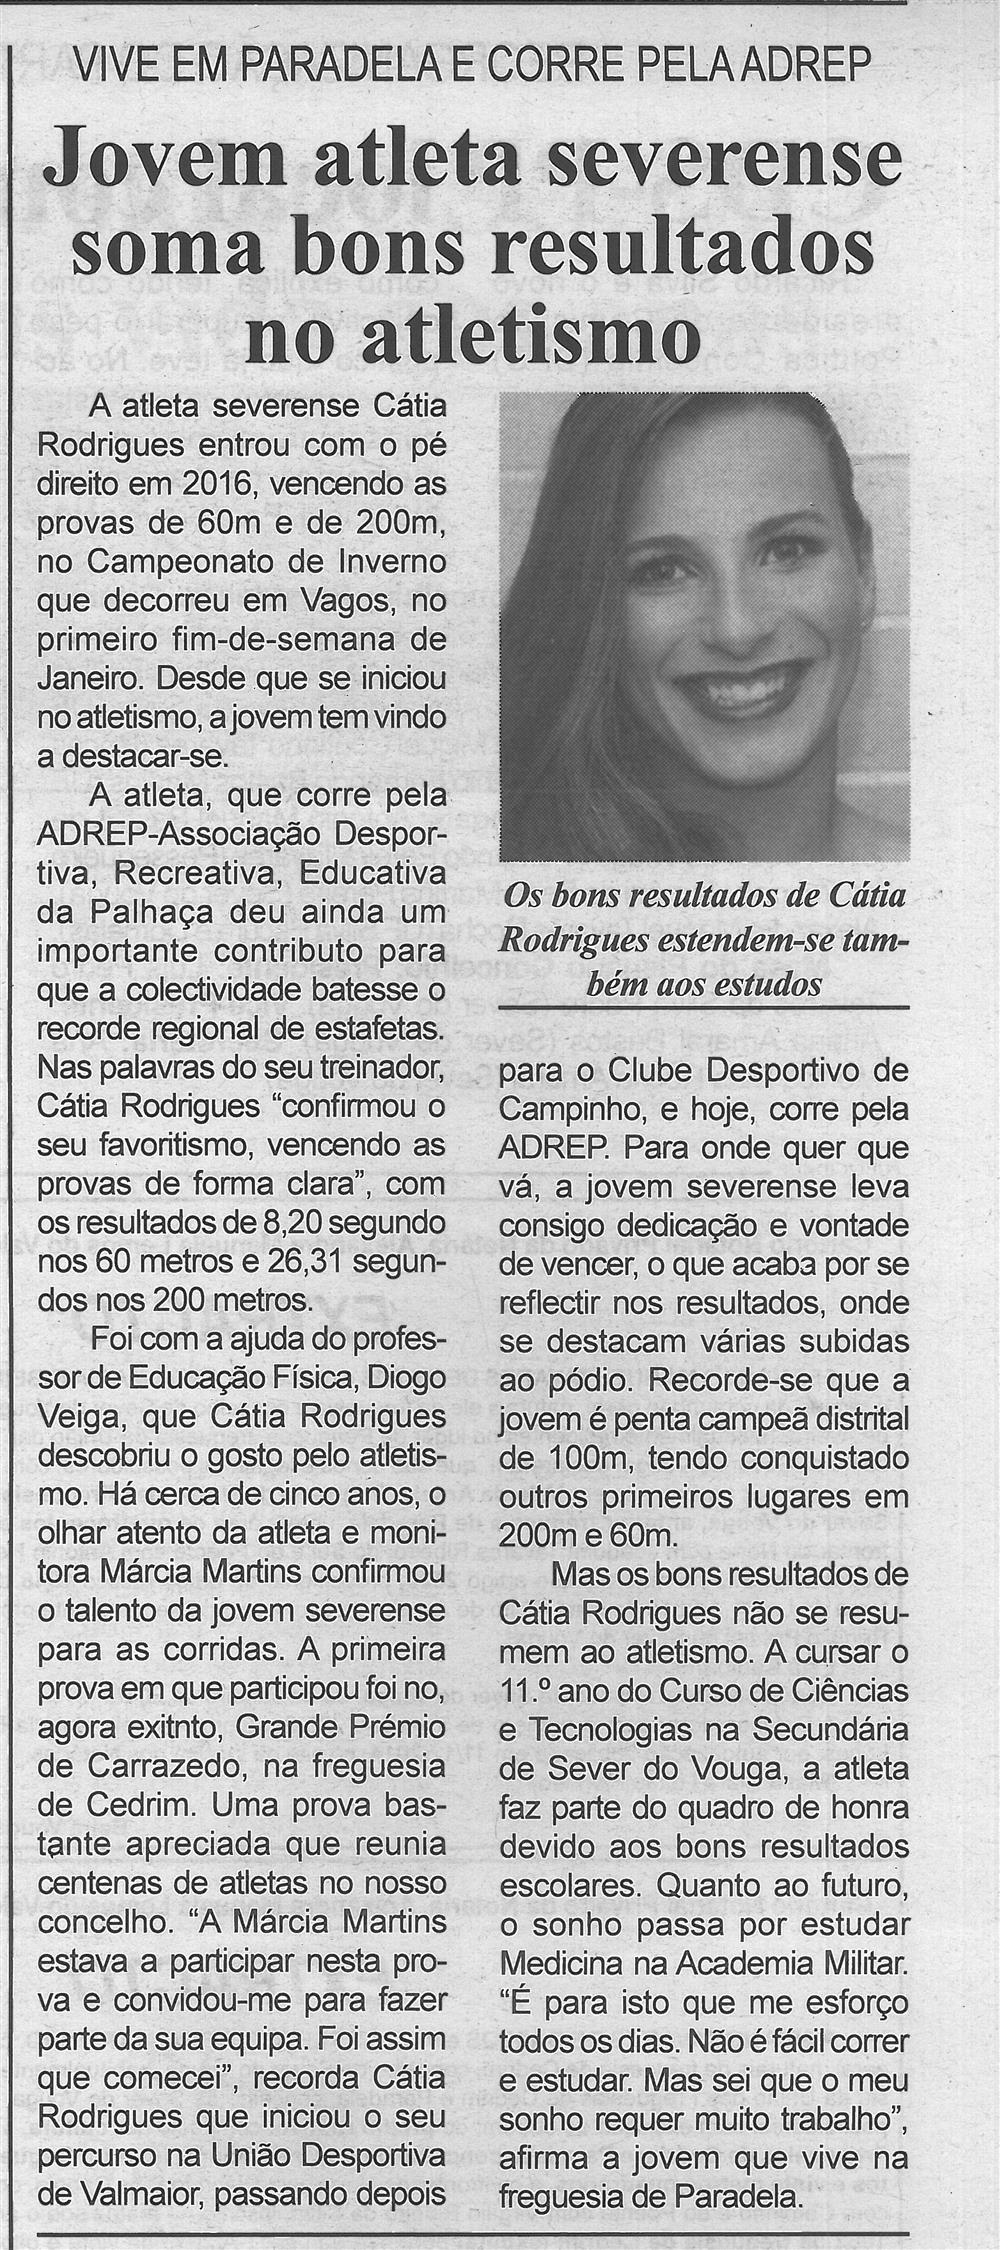 BV-2.ªjan.'16-p.5-Jovem atleta severense soma bons resultados no atletismo : vive em Paradela e corre pela ADREP : os bons resultados de Cátia Rodrigues estendem-se também aos estudos.jpg